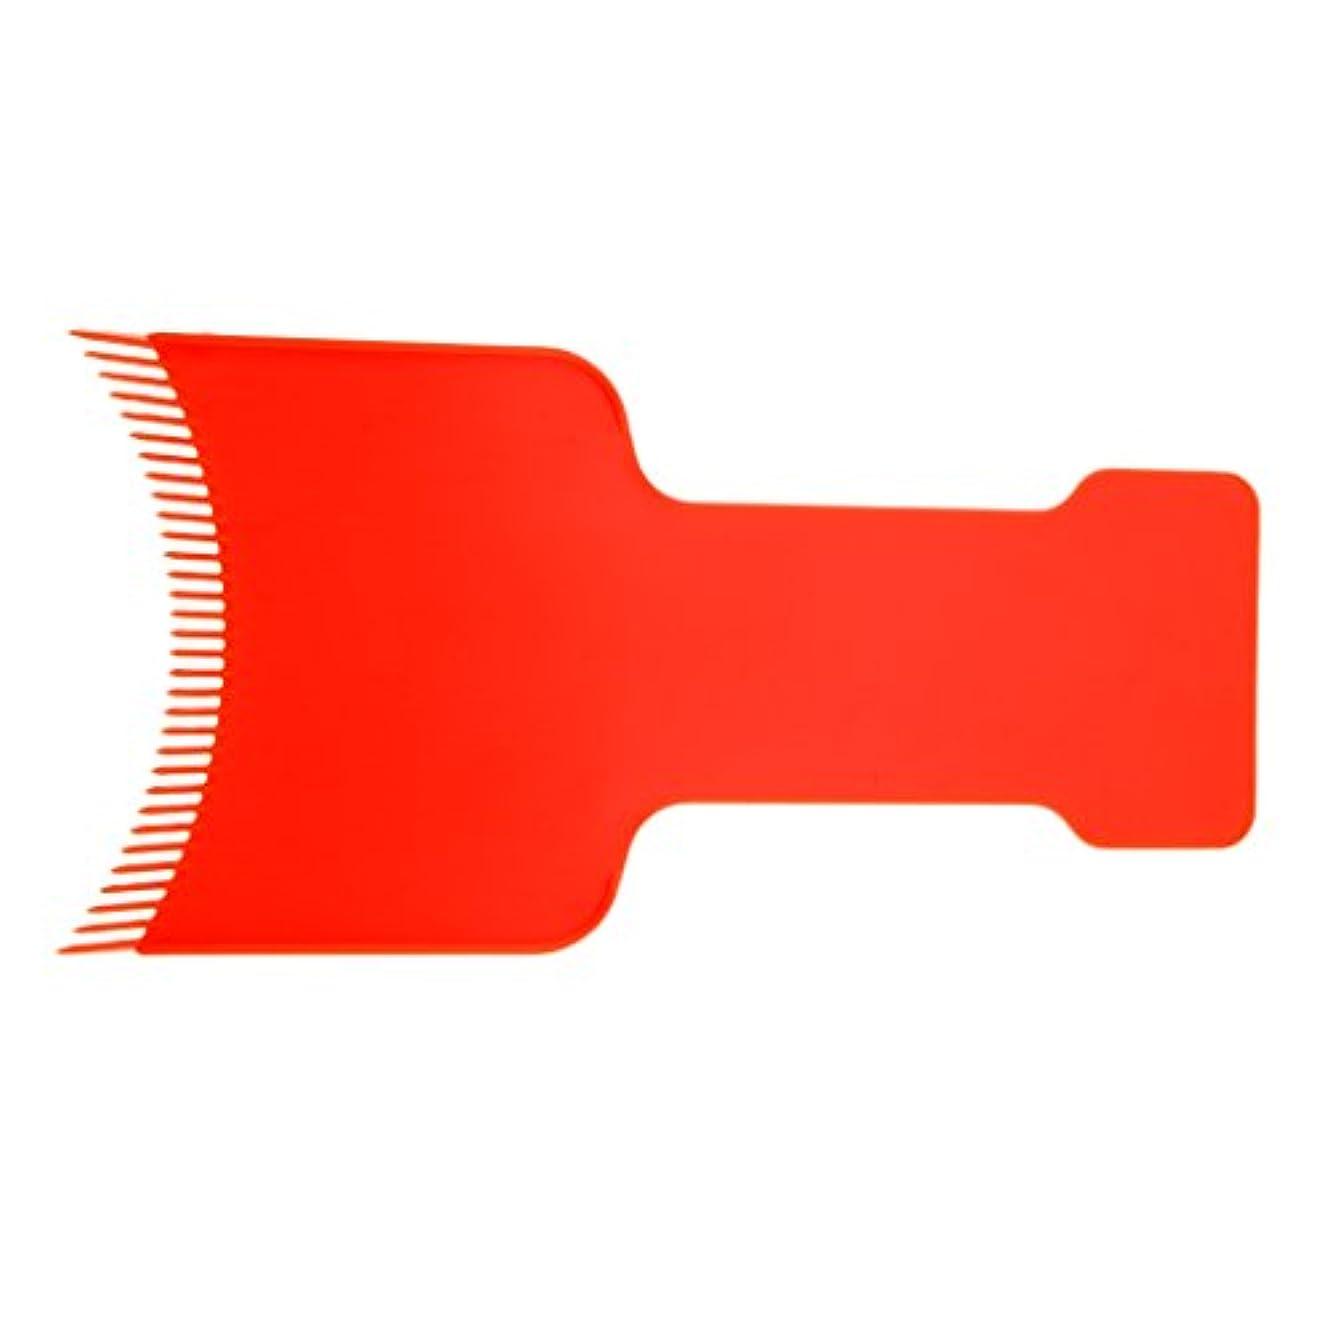 会議登山家敷居Toygogo サロンヘアカラーボード|染毛剤プレート|理髪理髪ヘアカラーボード19x9.5 Cm